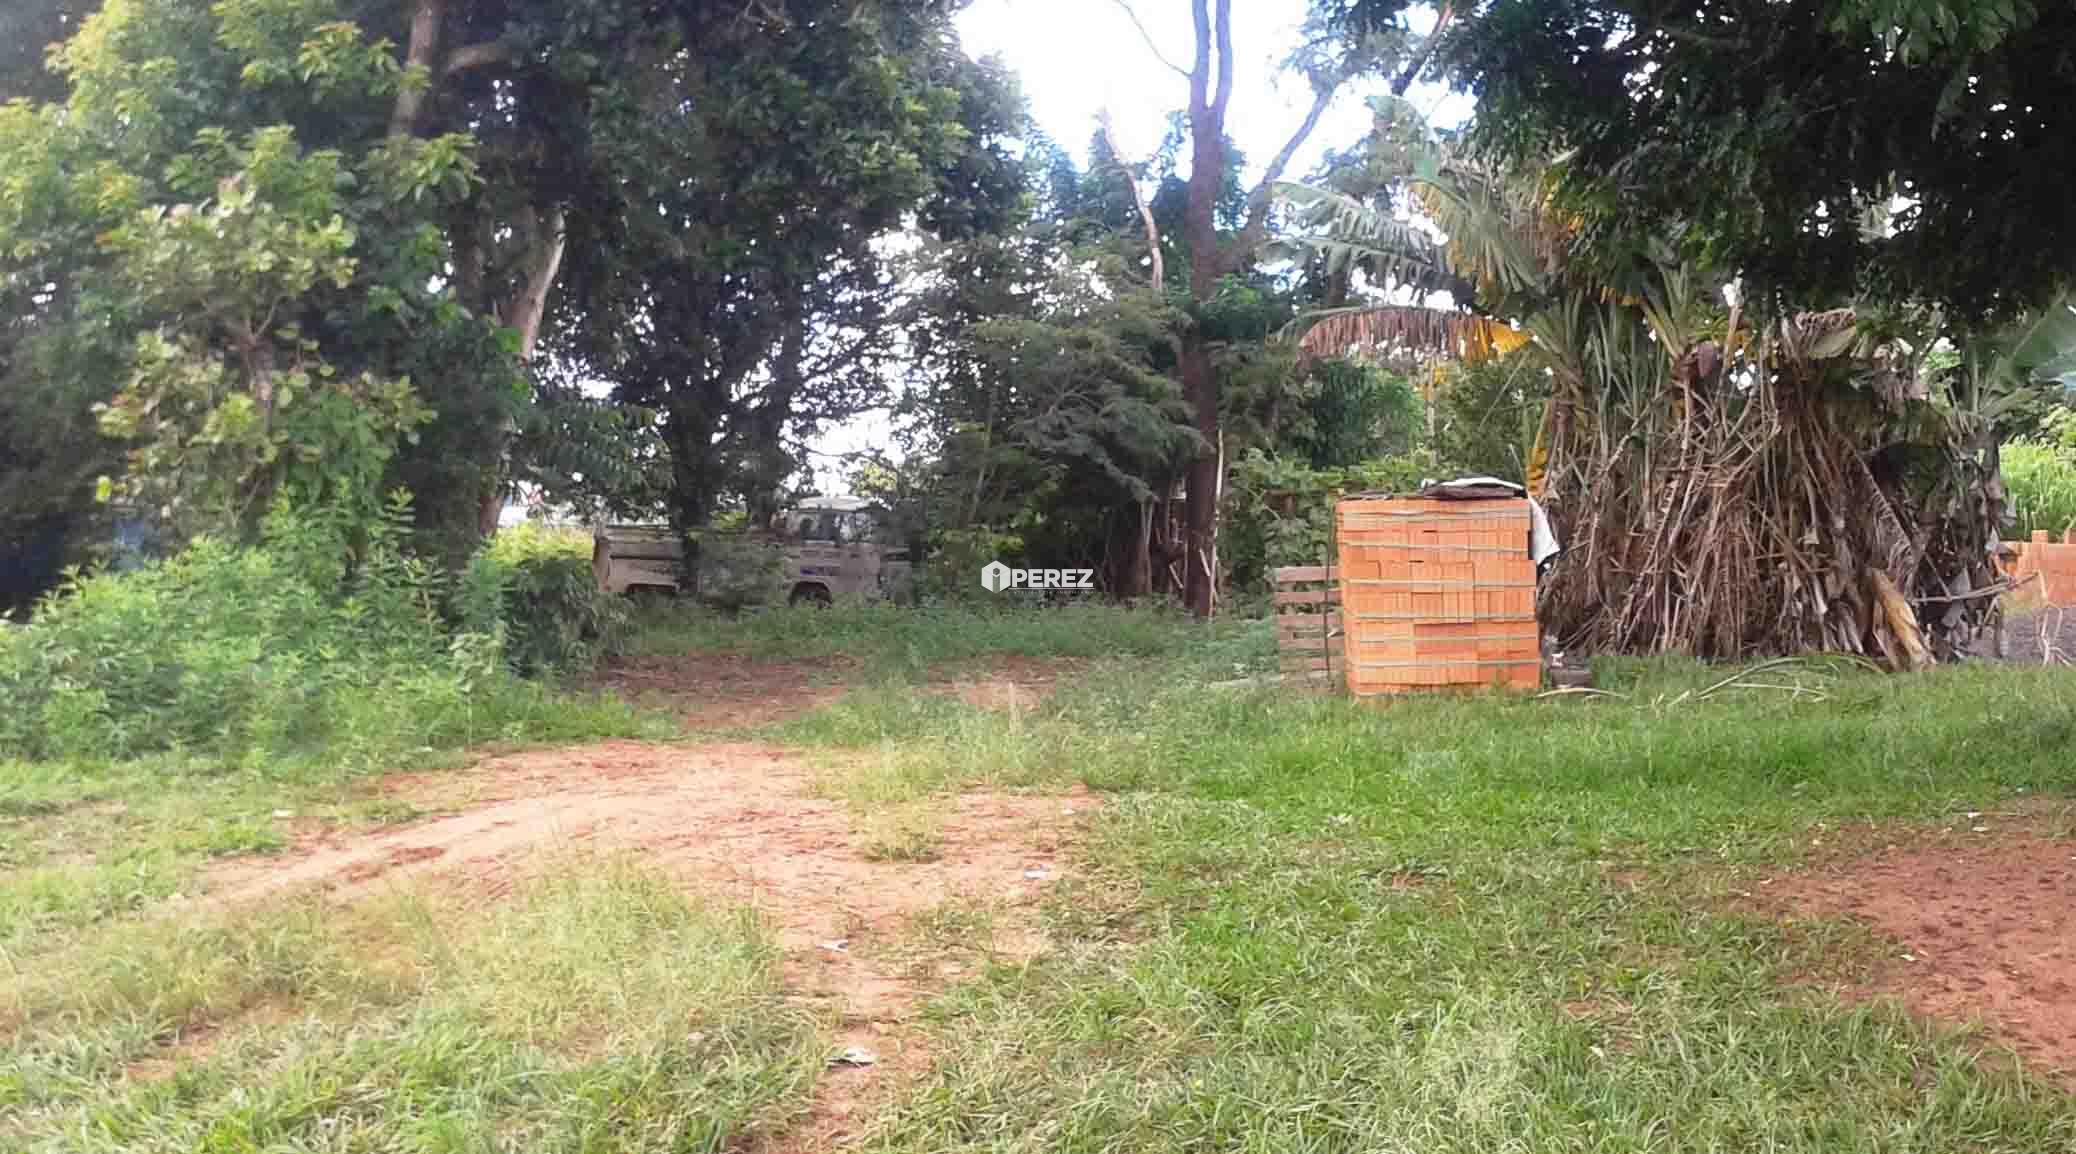 venda-campo-grande-ms-terreno-luiz-carlos-siufi-jardim-columbia-perez-imoveis